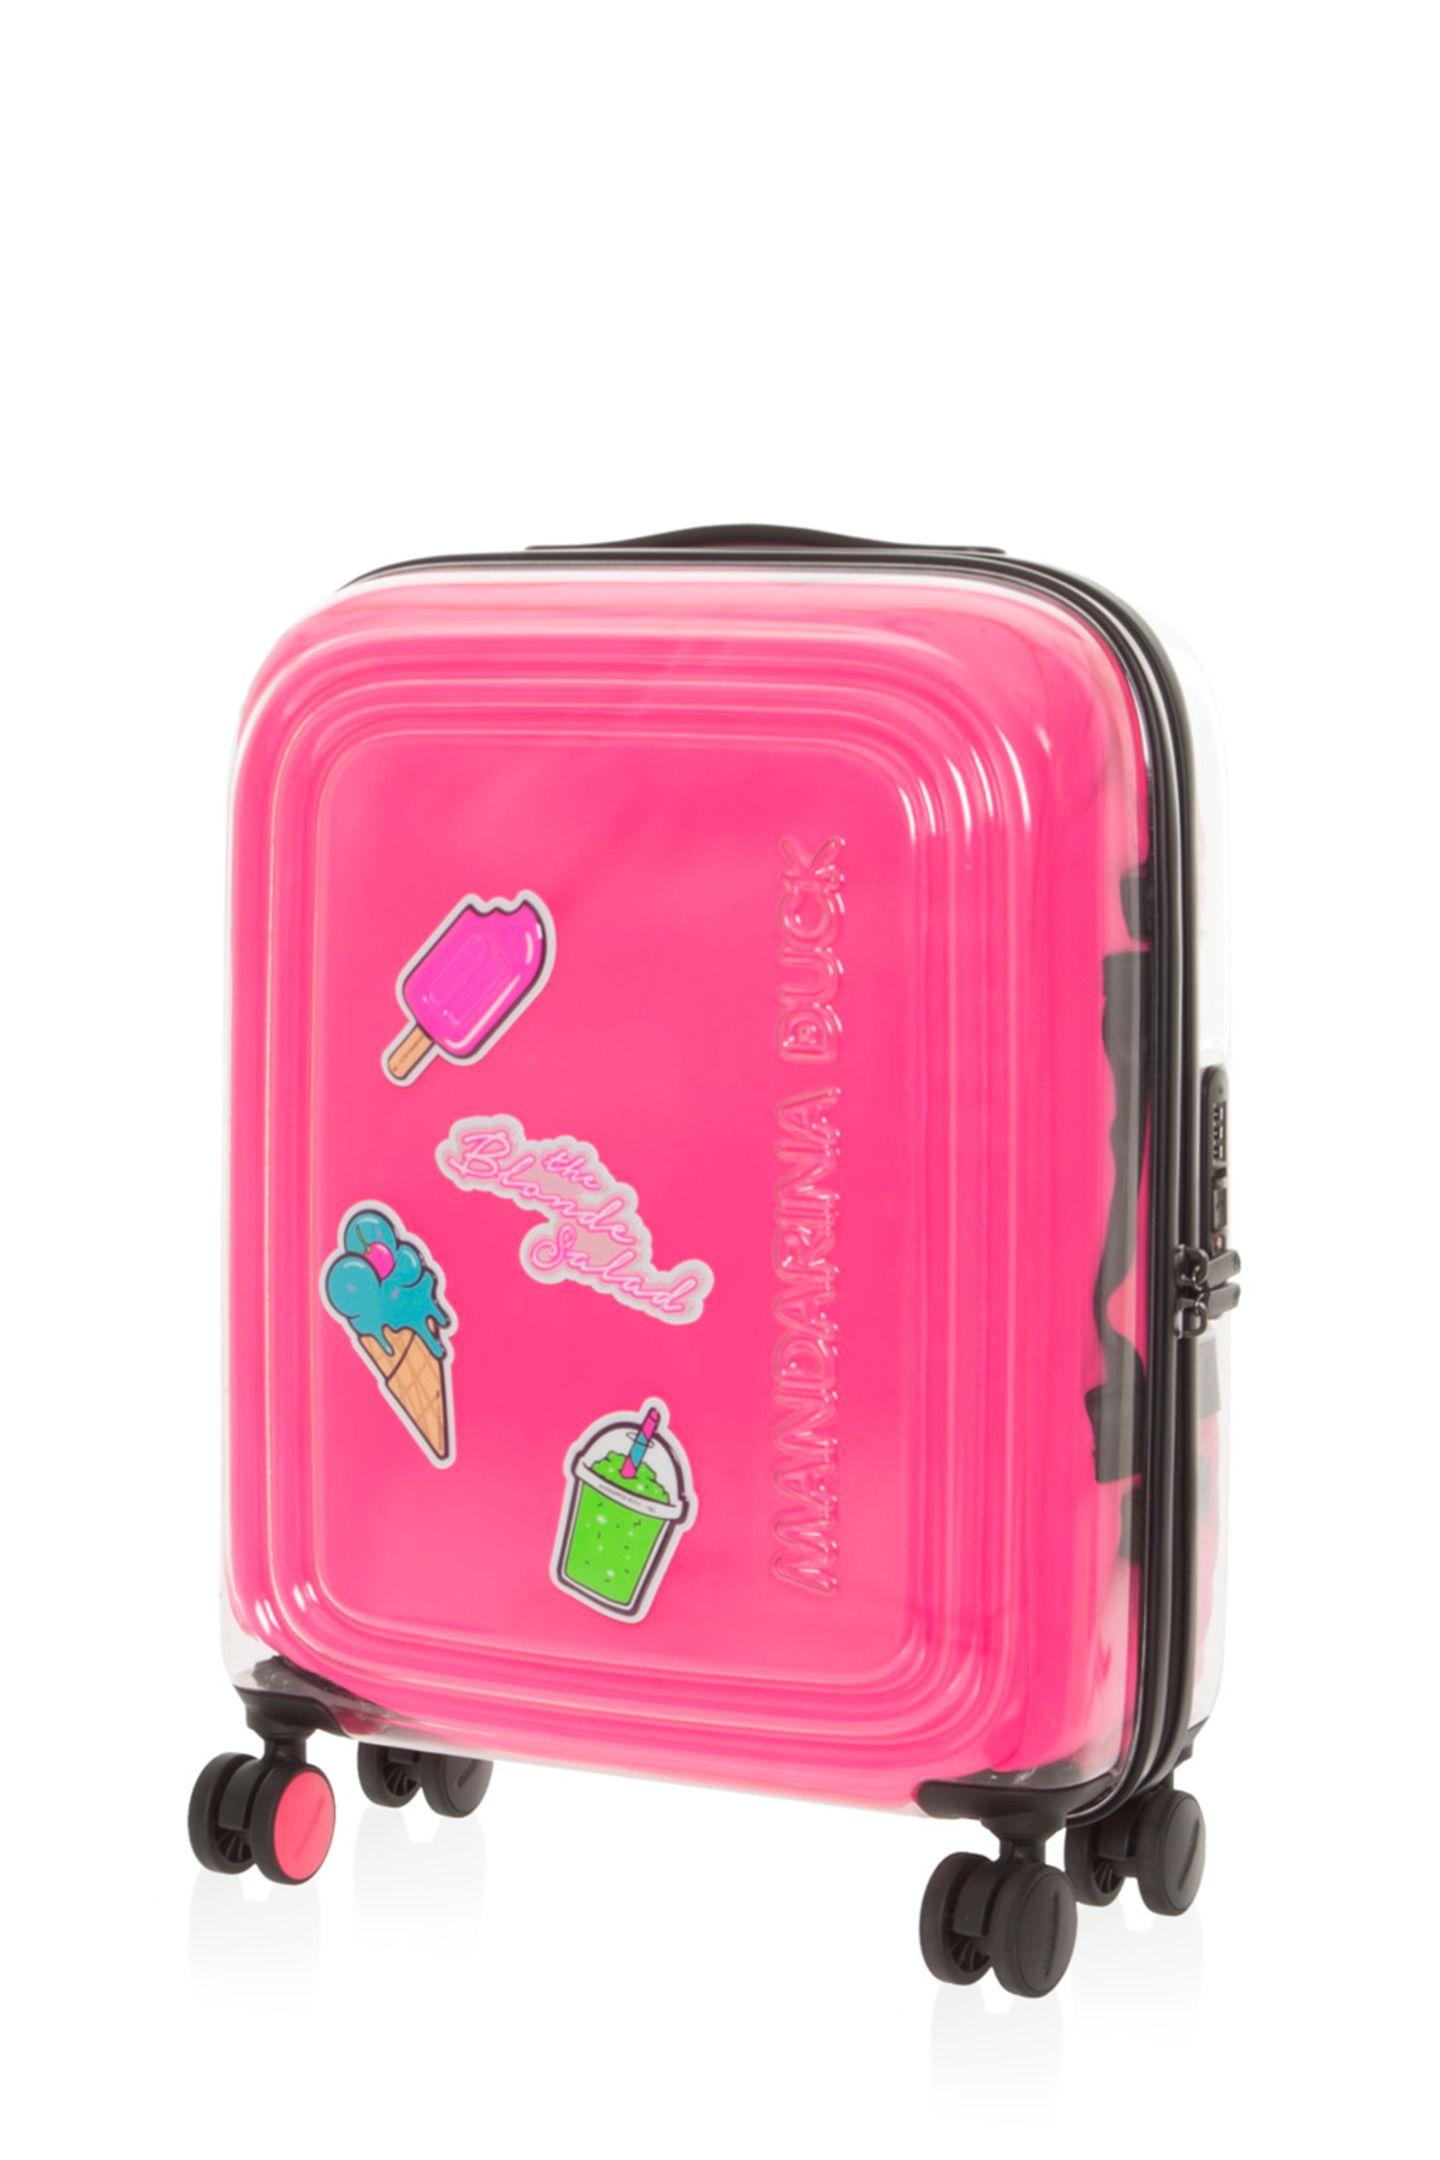 """Ich packe meinen Koffer...und was schlussendlich darin landet, ist eigentlich egal, wenn die Hülle so klasse aussieht wie diese Limited Edition in Neonpink mit Aufklebern. """" Popsicle TBS Fluo Trolley"""" von Mandarina Duck, ca. 220 Euro"""